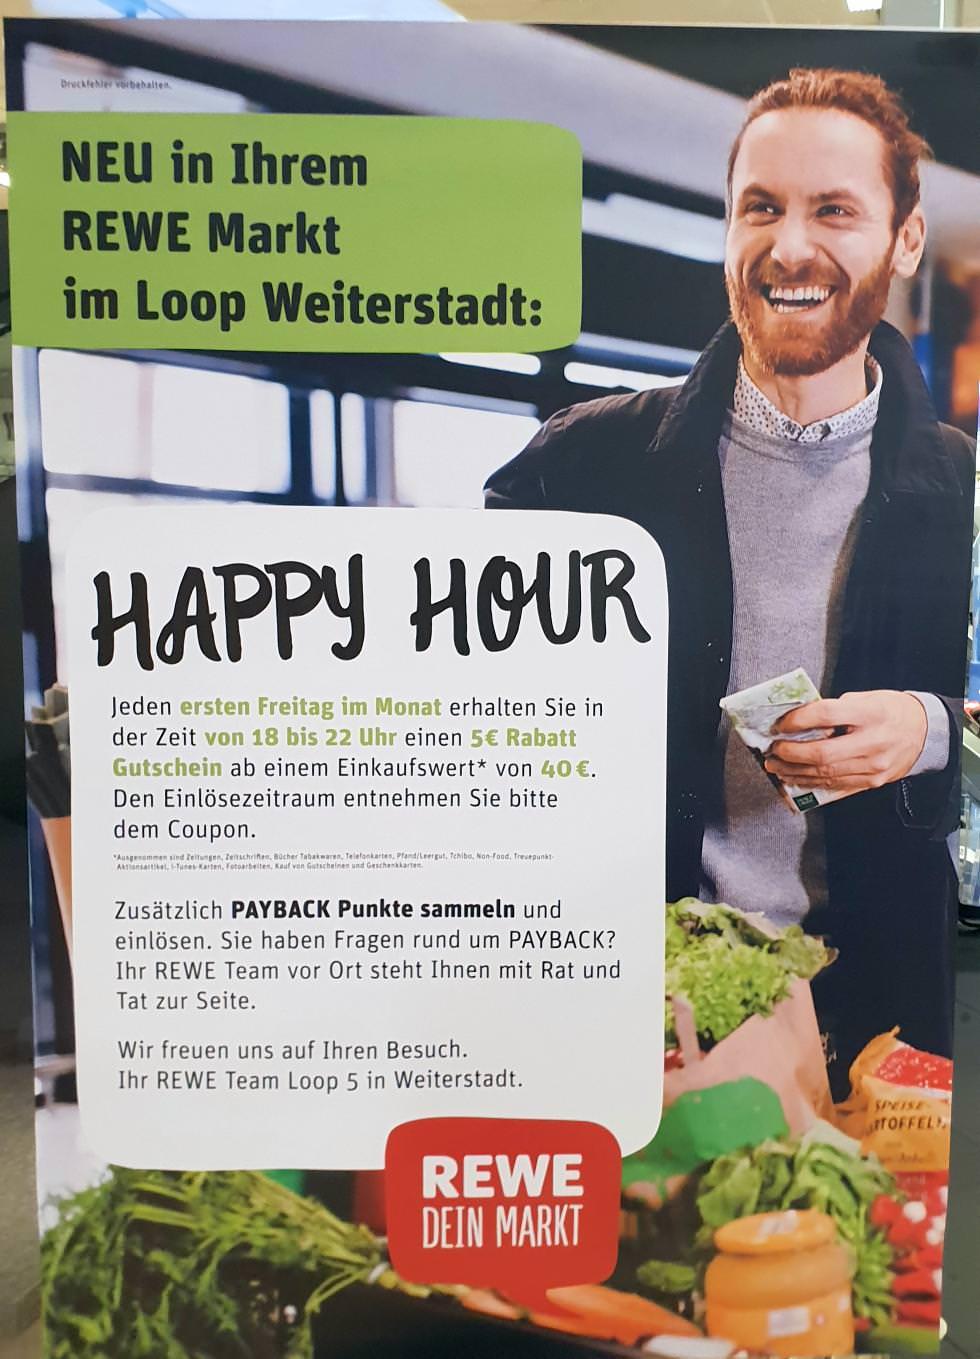 [Weiterstadt] 5,00€ Einkaufsgutschein jeden 1. Freitag im Monat zwischen 18-22 Uhr im Rewe Loop 5